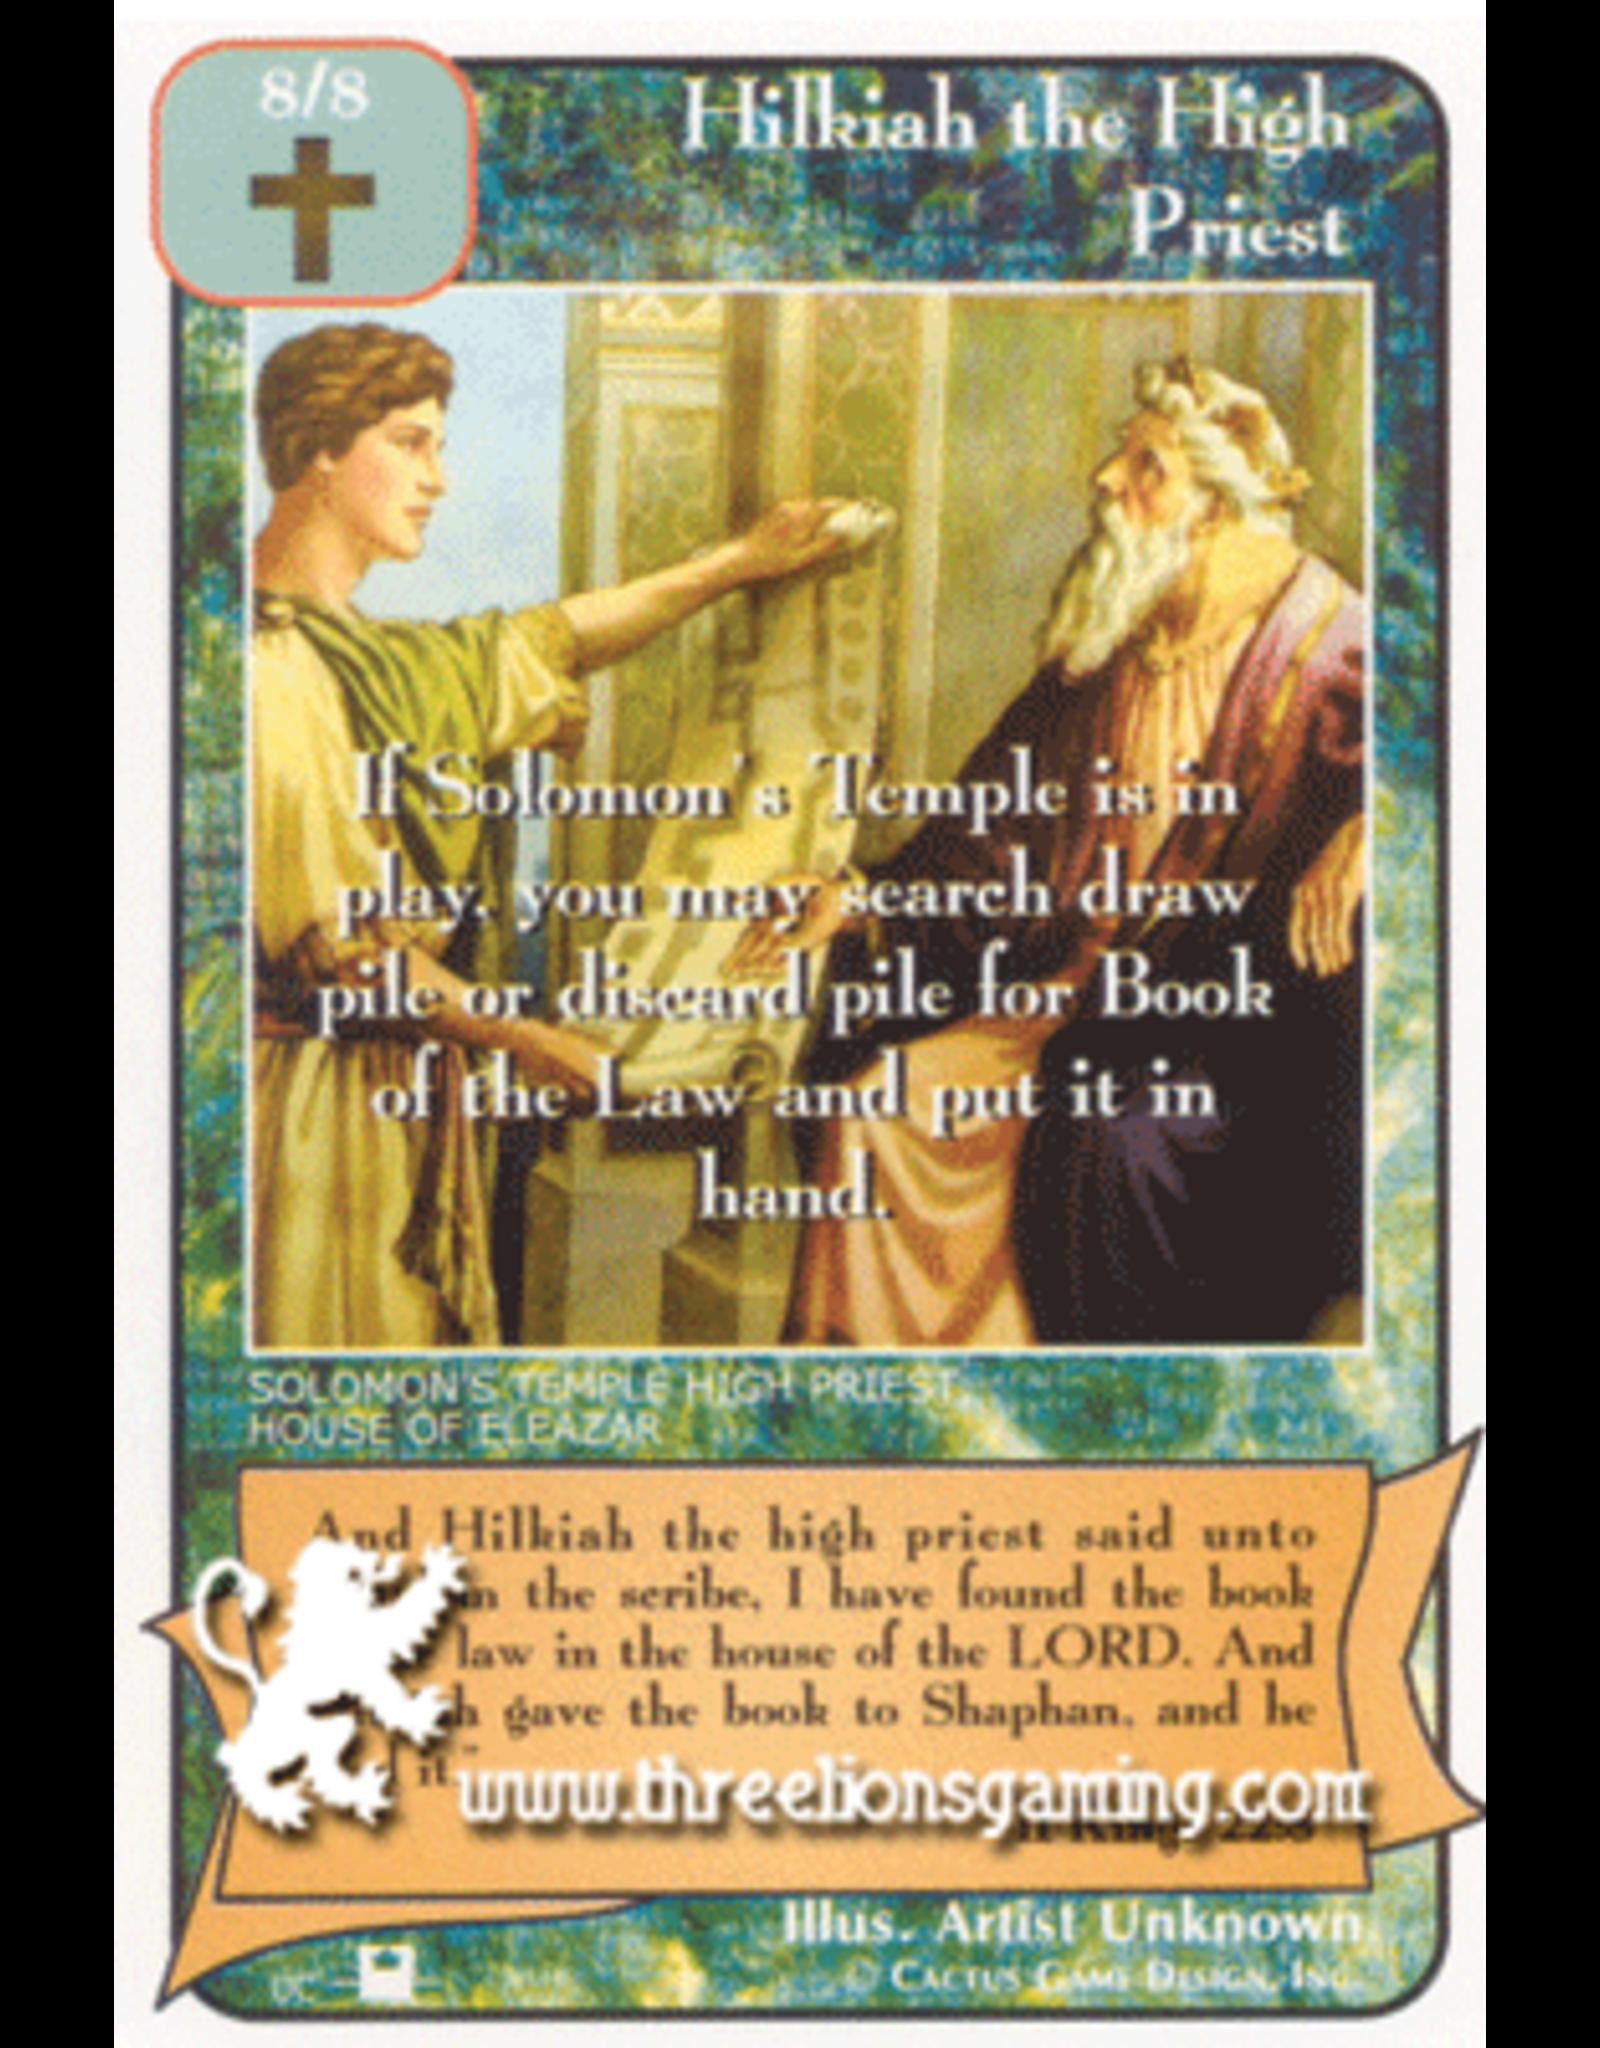 Priests: Hilkiah the High Priest